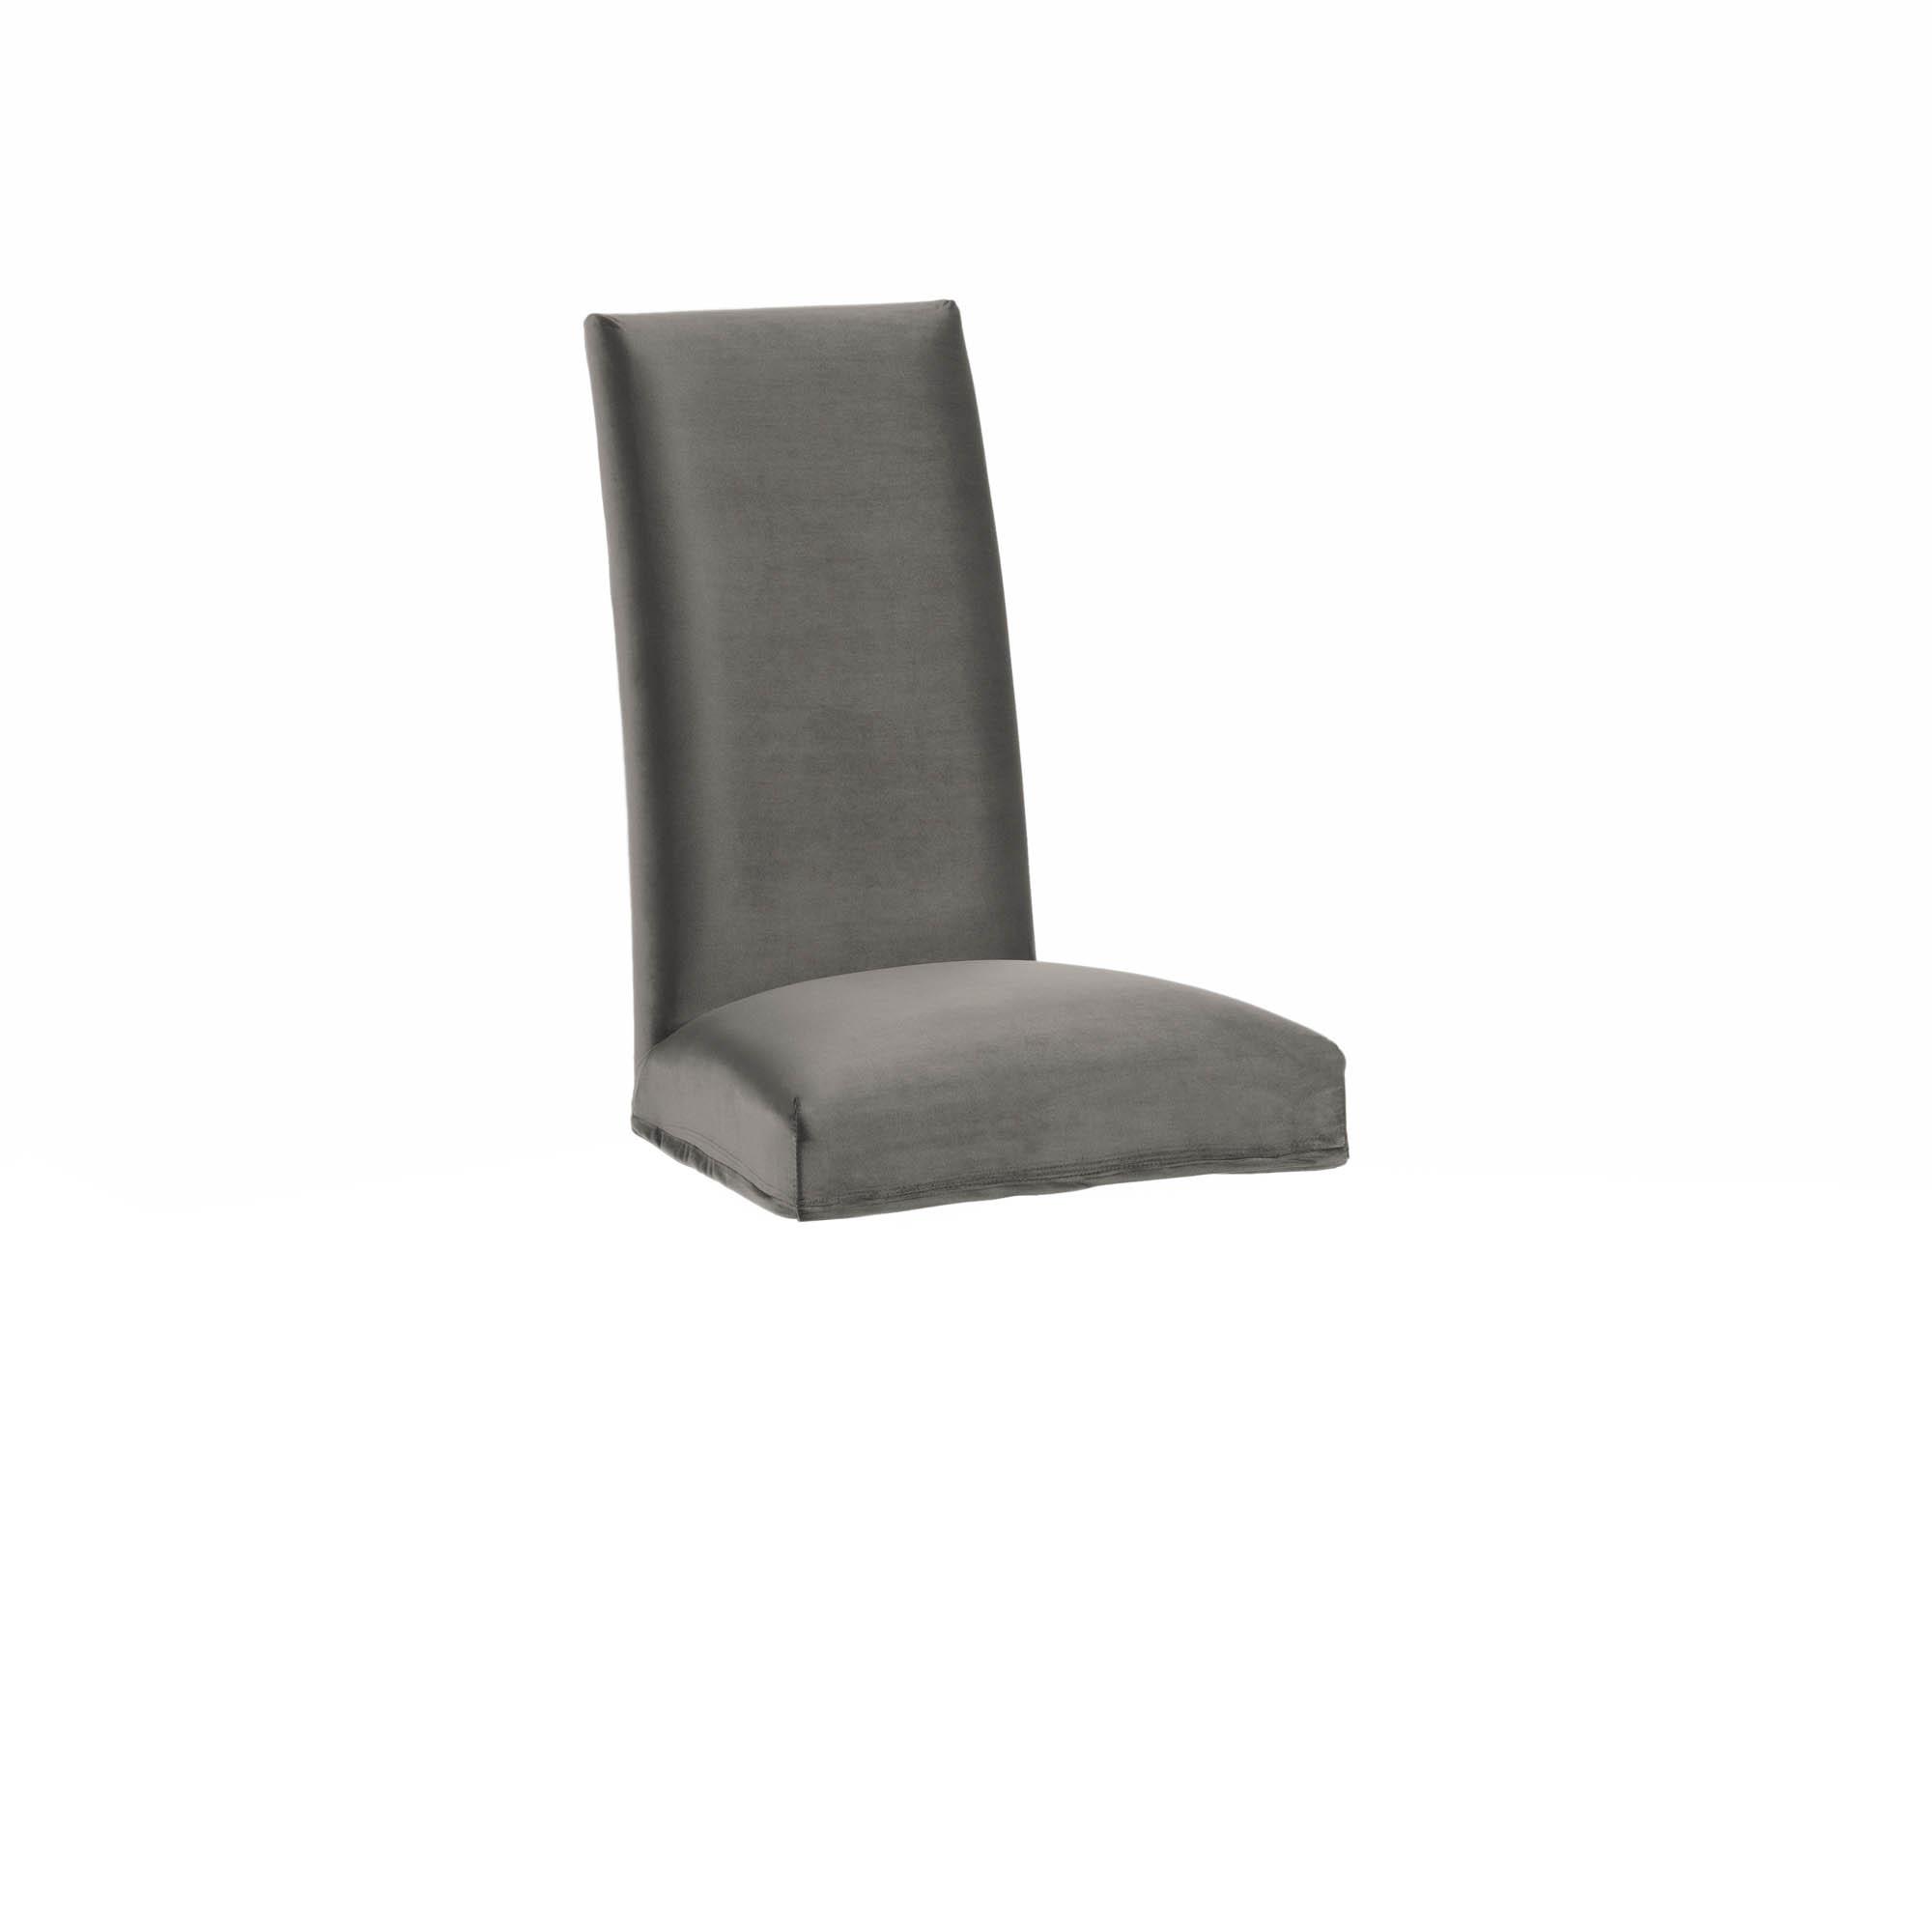 Kave home - housse de chaise freda velours gris